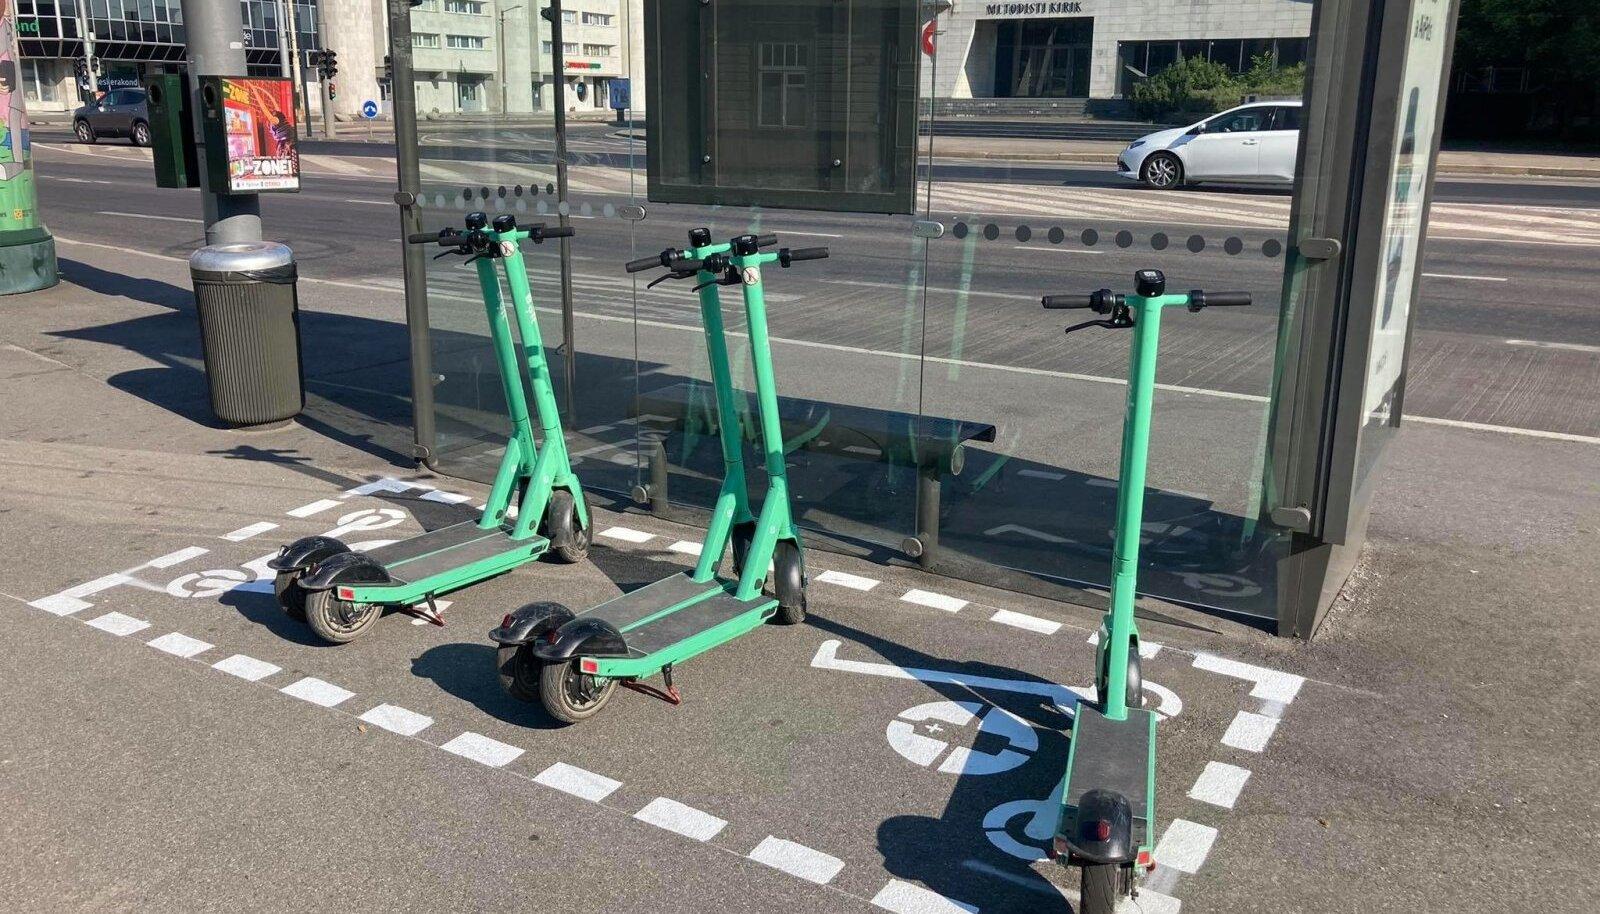 Praegu on Tallinna kesklinna plaanitud 70 sellist parkimisala. Parkimiskohad on mõeldud eelkõige renditeenuse pakkujatele, et nad saaksid sinna viia laetud tõukerattad sõidu alustamiseks. Kuid ka sõitjate hulgas leiavad parkimiskohad järjest rohkem kasutust.